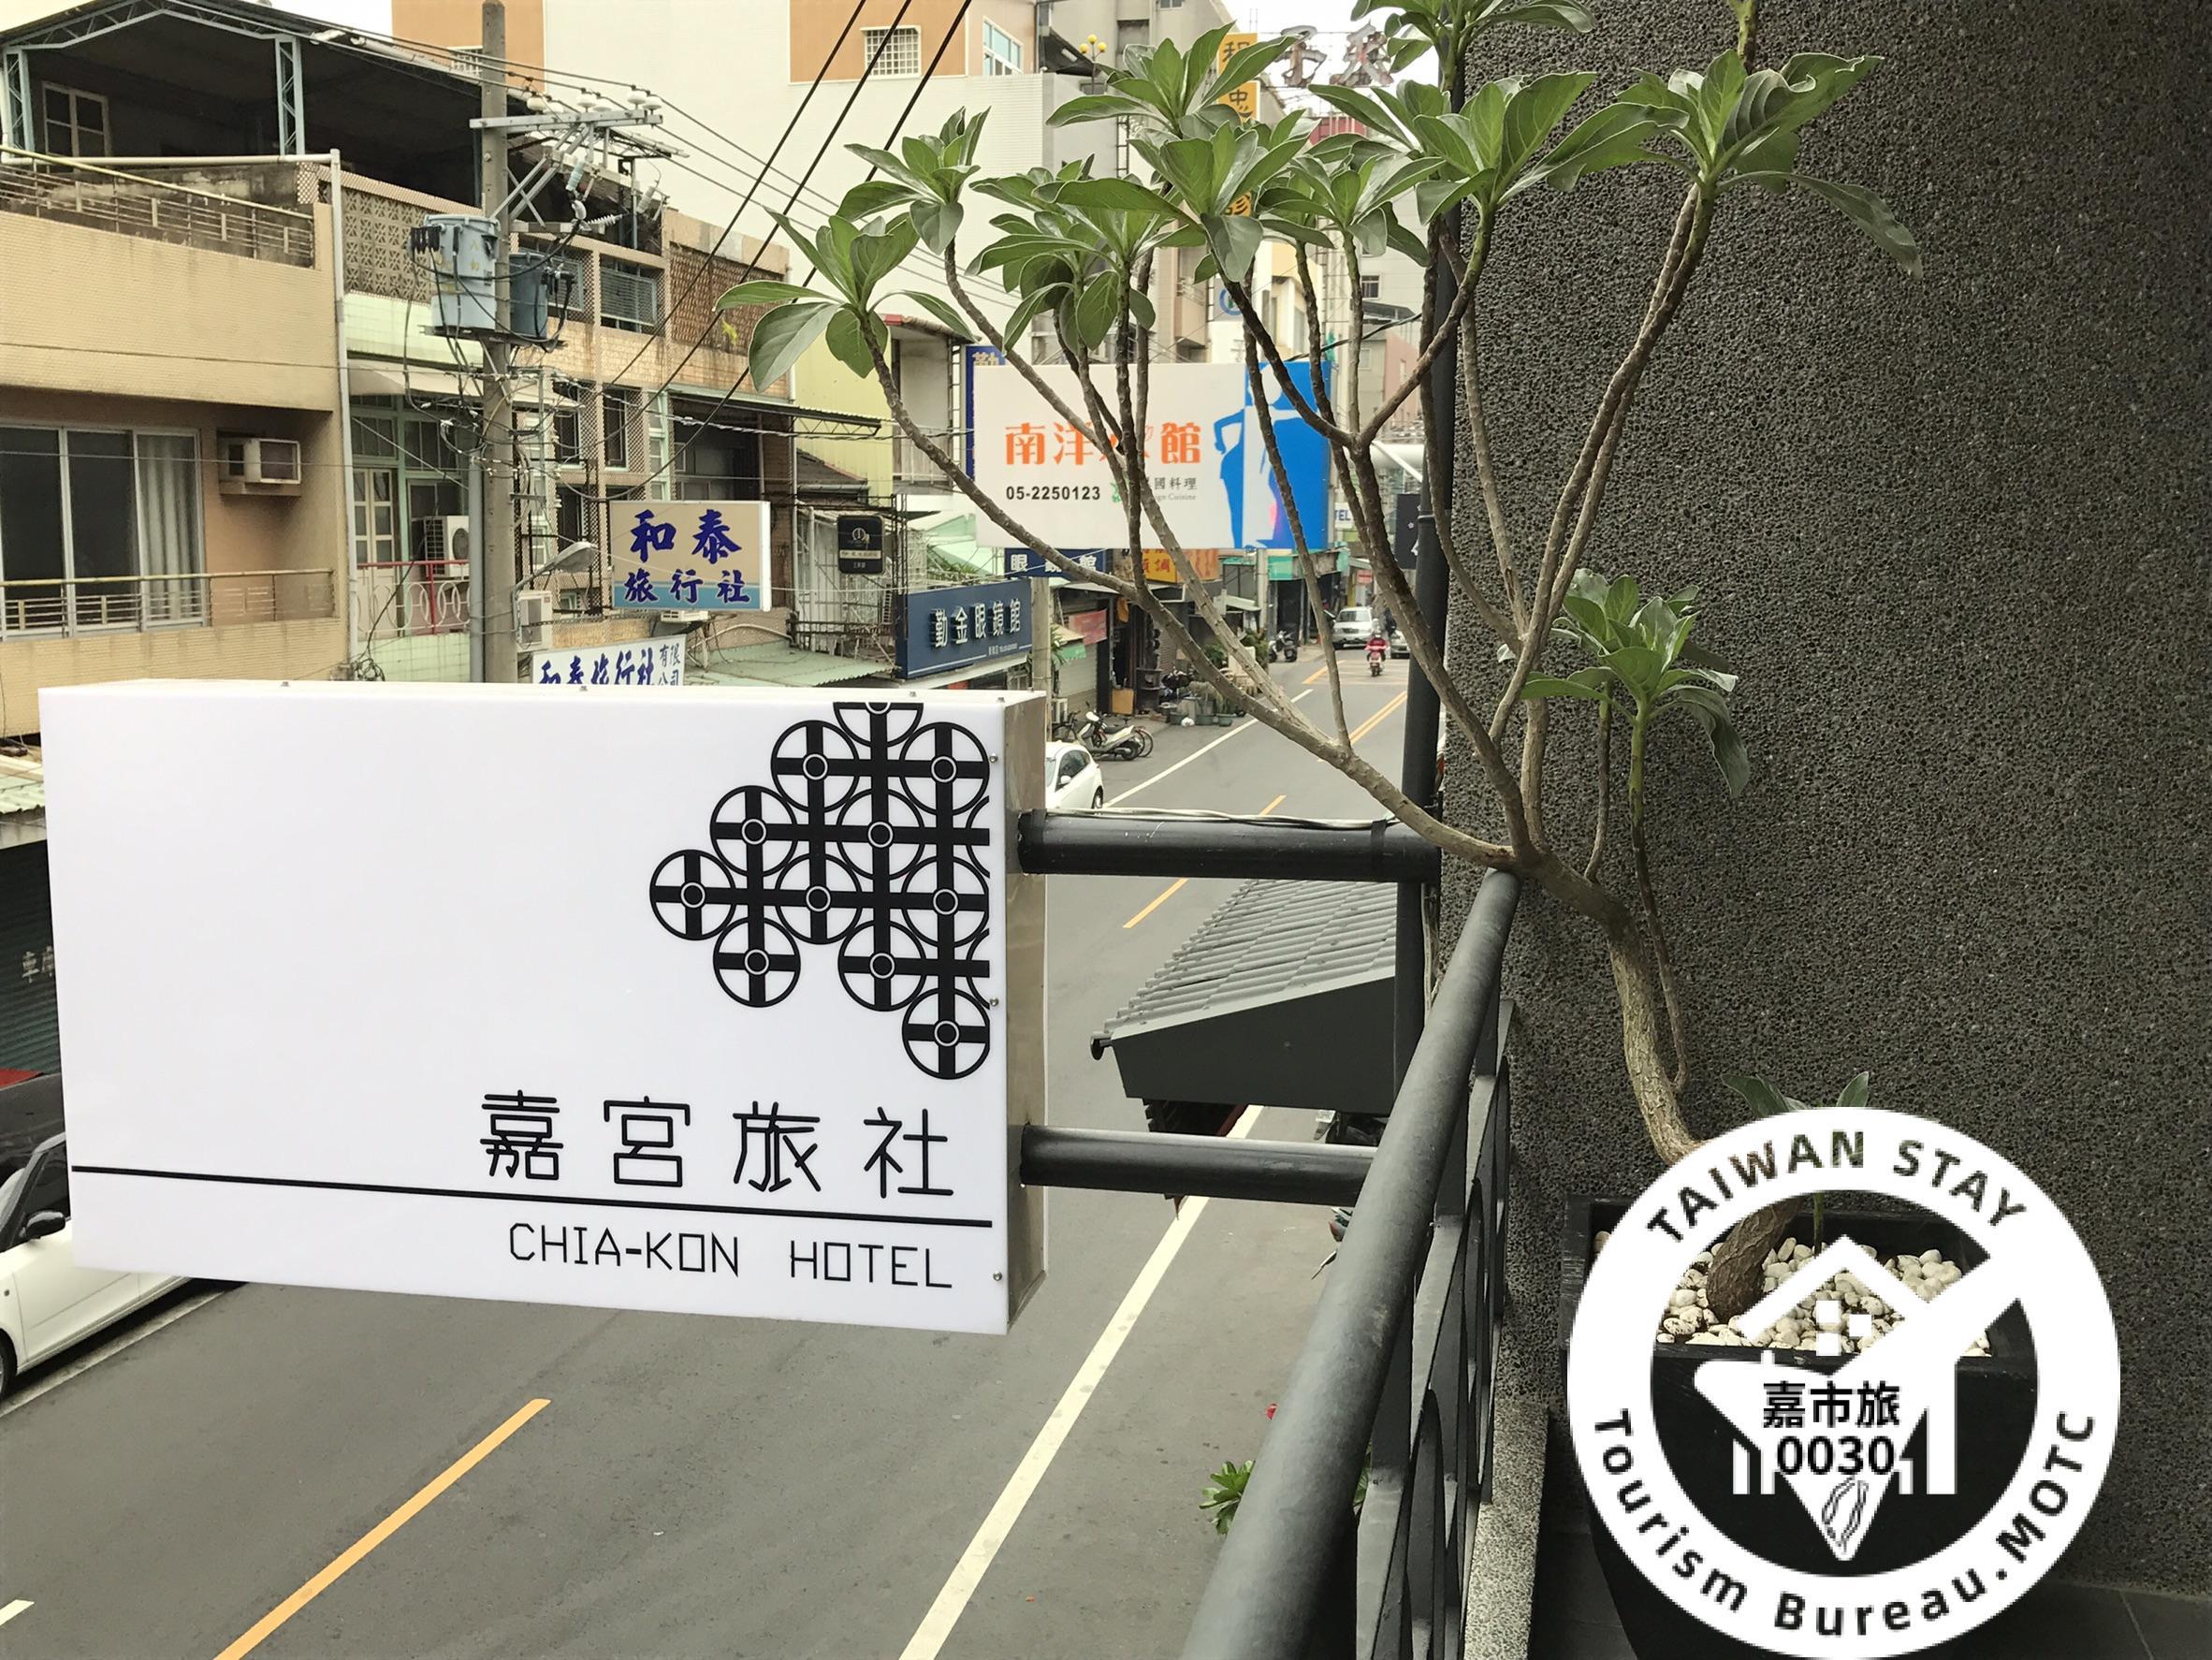 CHIA-KON.HOTEL